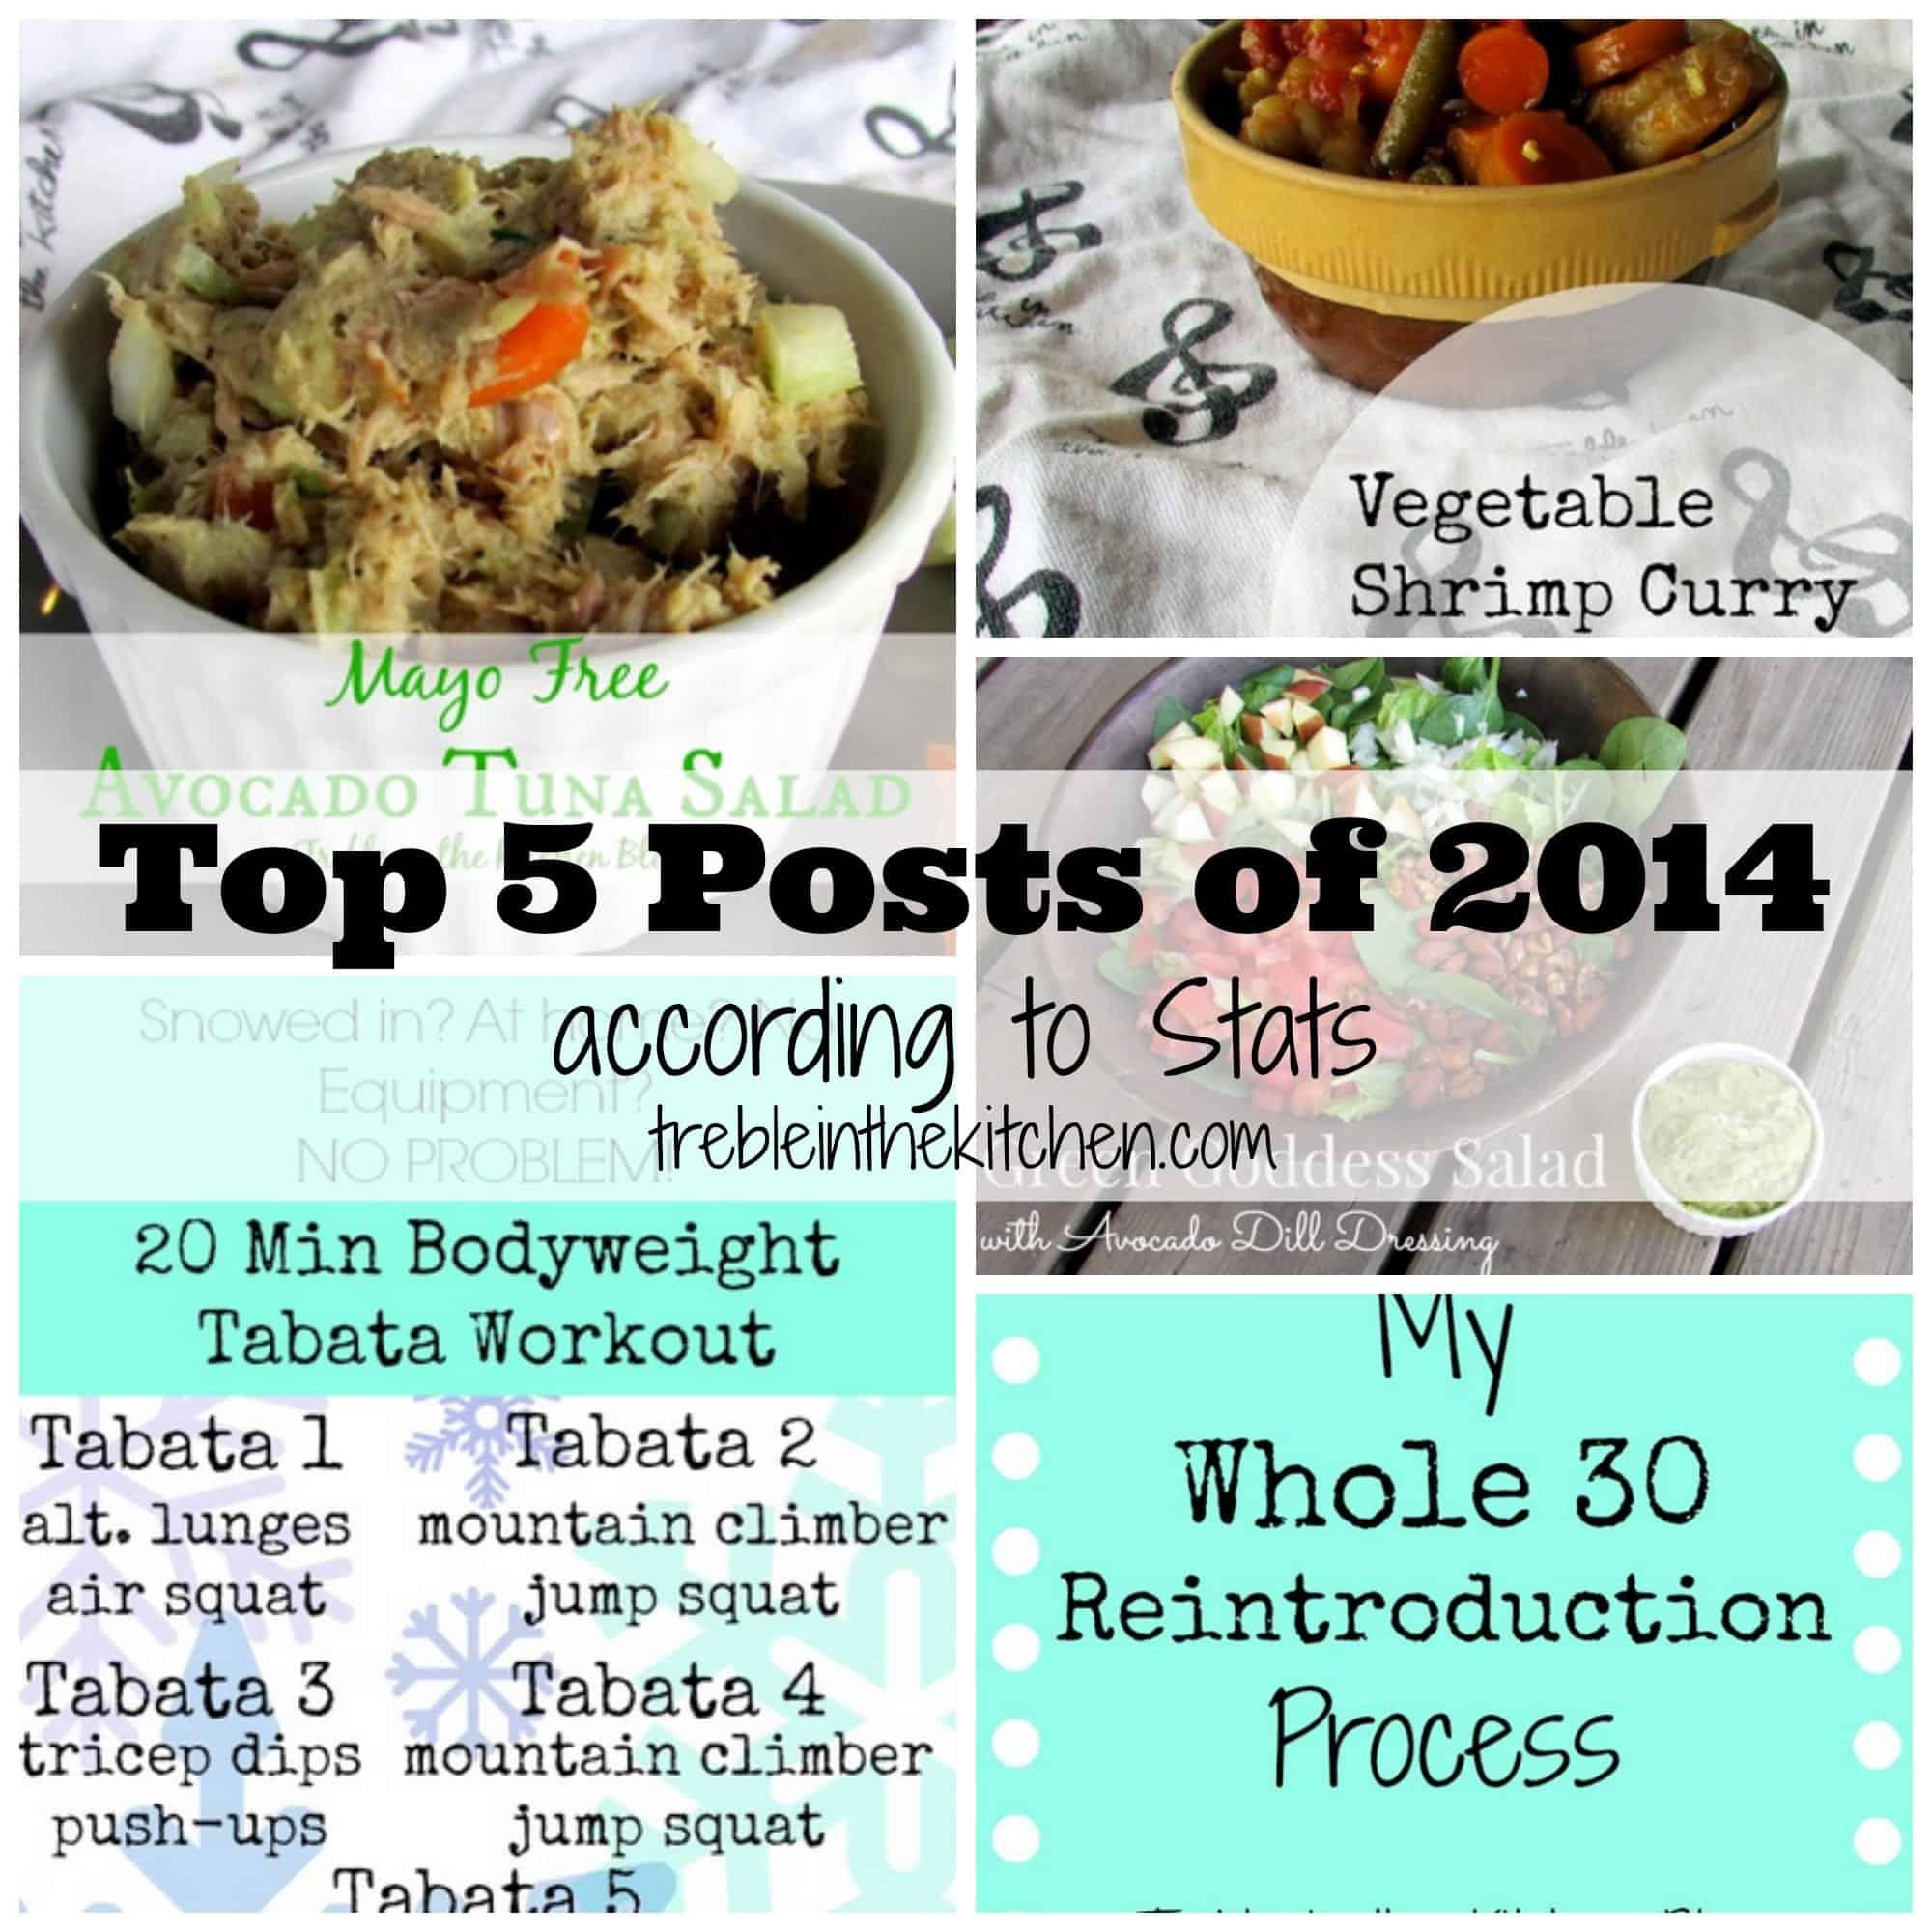 Top 5 Posts 2014